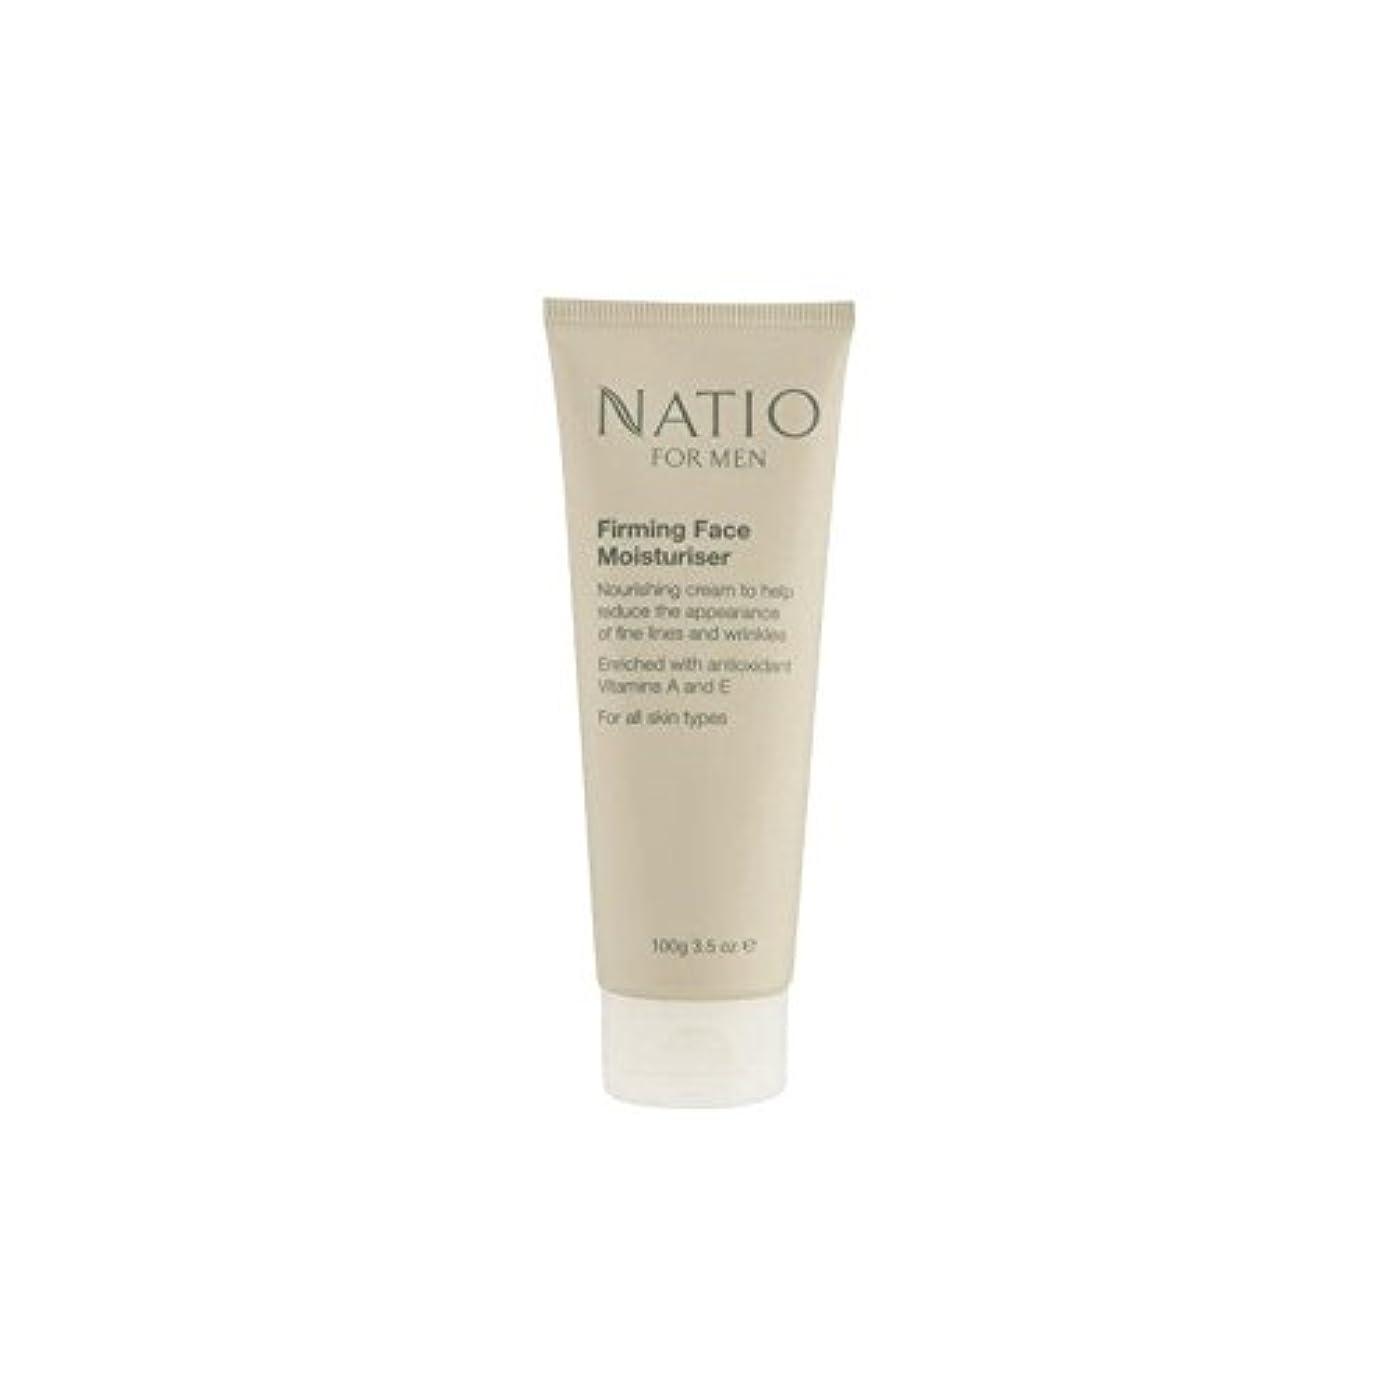 潮長さ促進するNatio For Men Firming Face Moisturiser (100G) (Pack of 6) - 顔の保湿剤を引き締め男性のための(100グラム) x6 [並行輸入品]